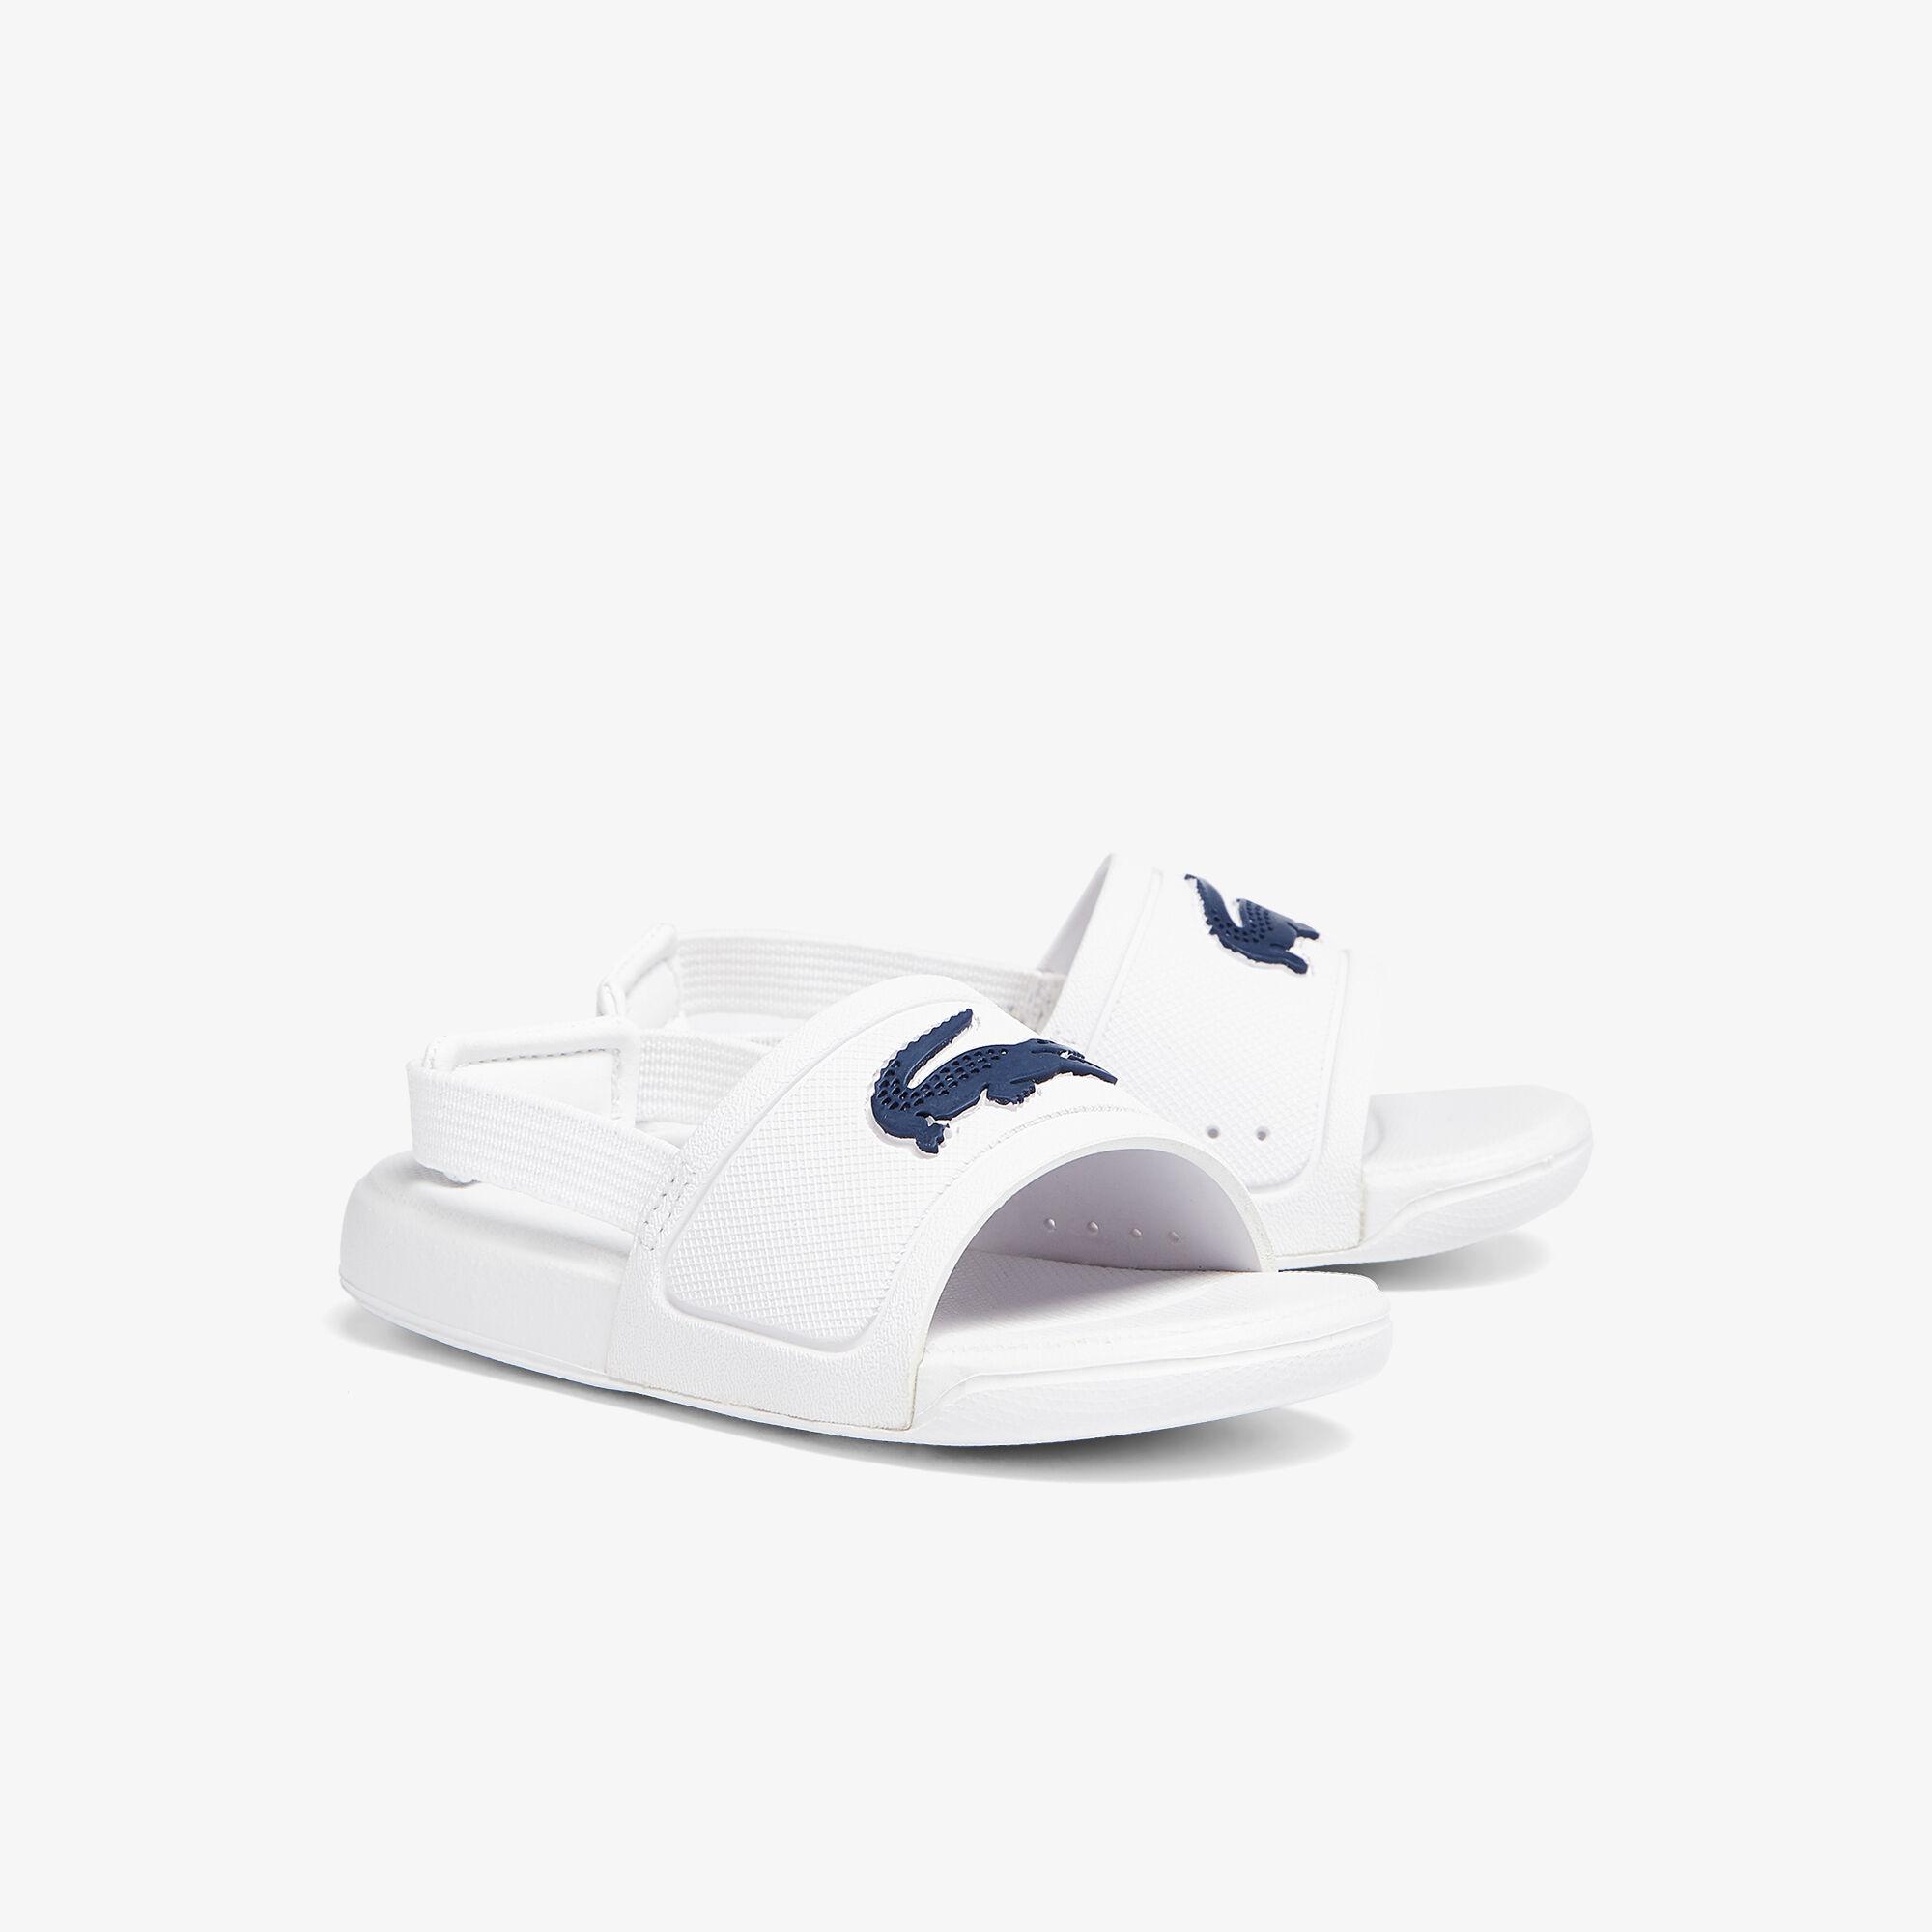 Infants' L.30 Slide Slip-on Sandals